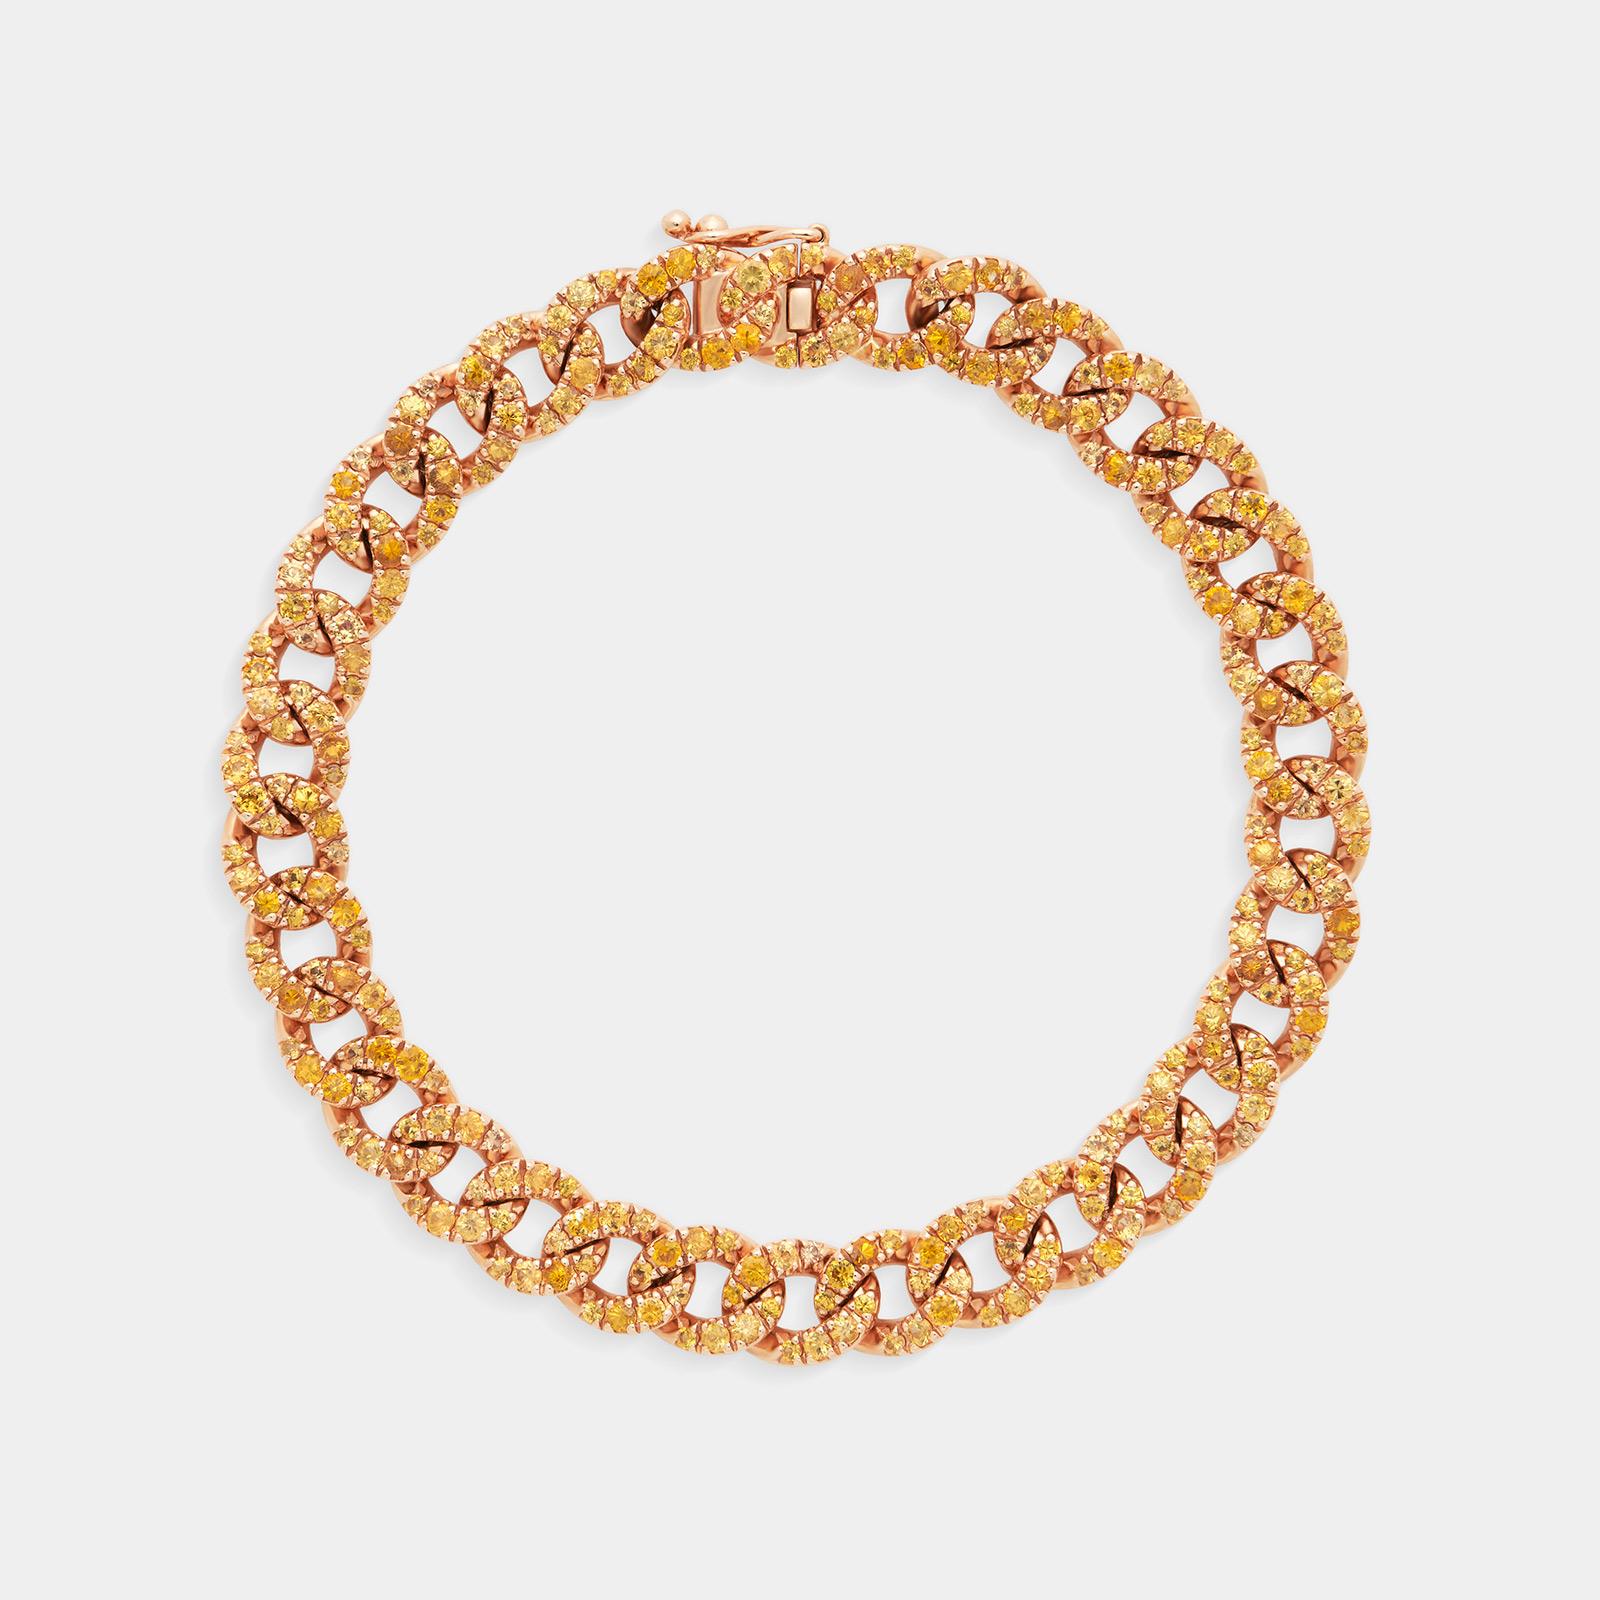 Bracciale groumette in oro rosa con zaffiri gialli - Rosanna Cattolico gioielli